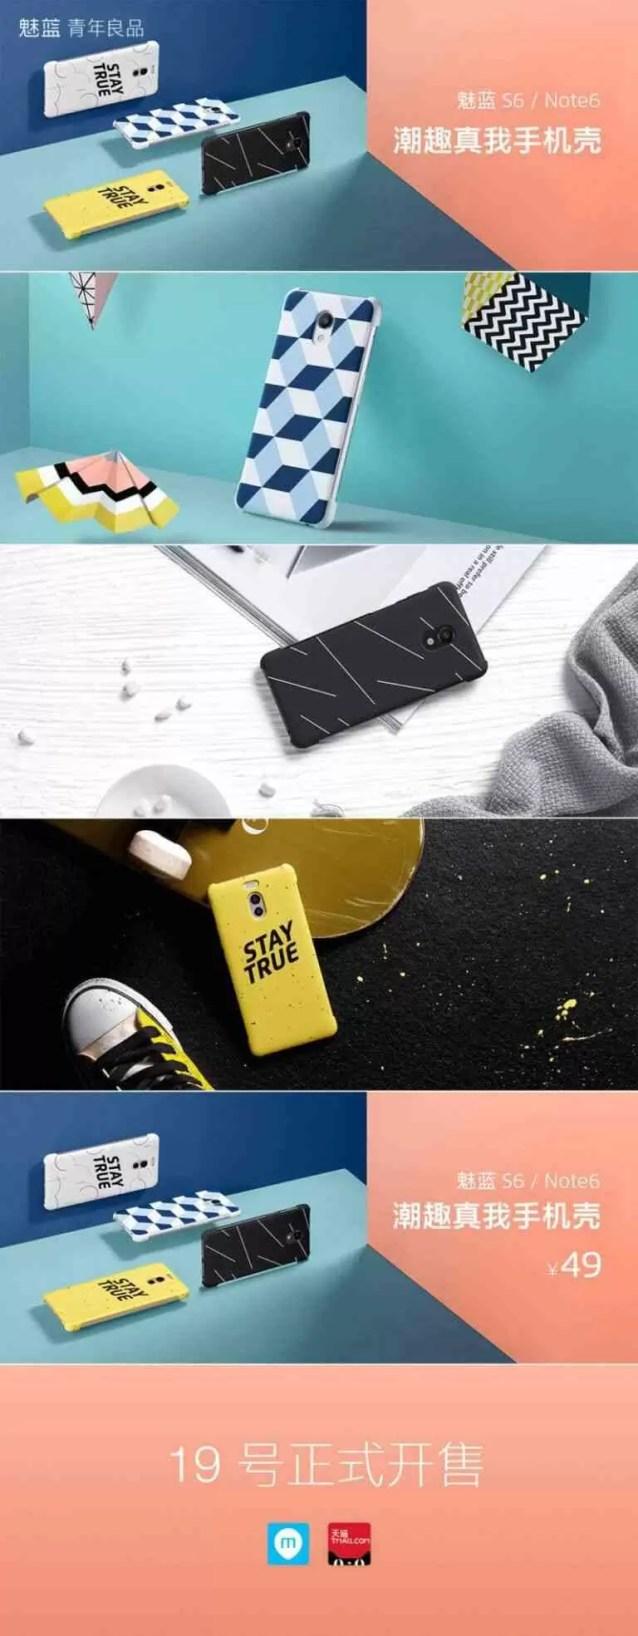 Meizu M6S é oficial com Exynos 7872, ecrã 18: 9 e Super mBack Gestures 3